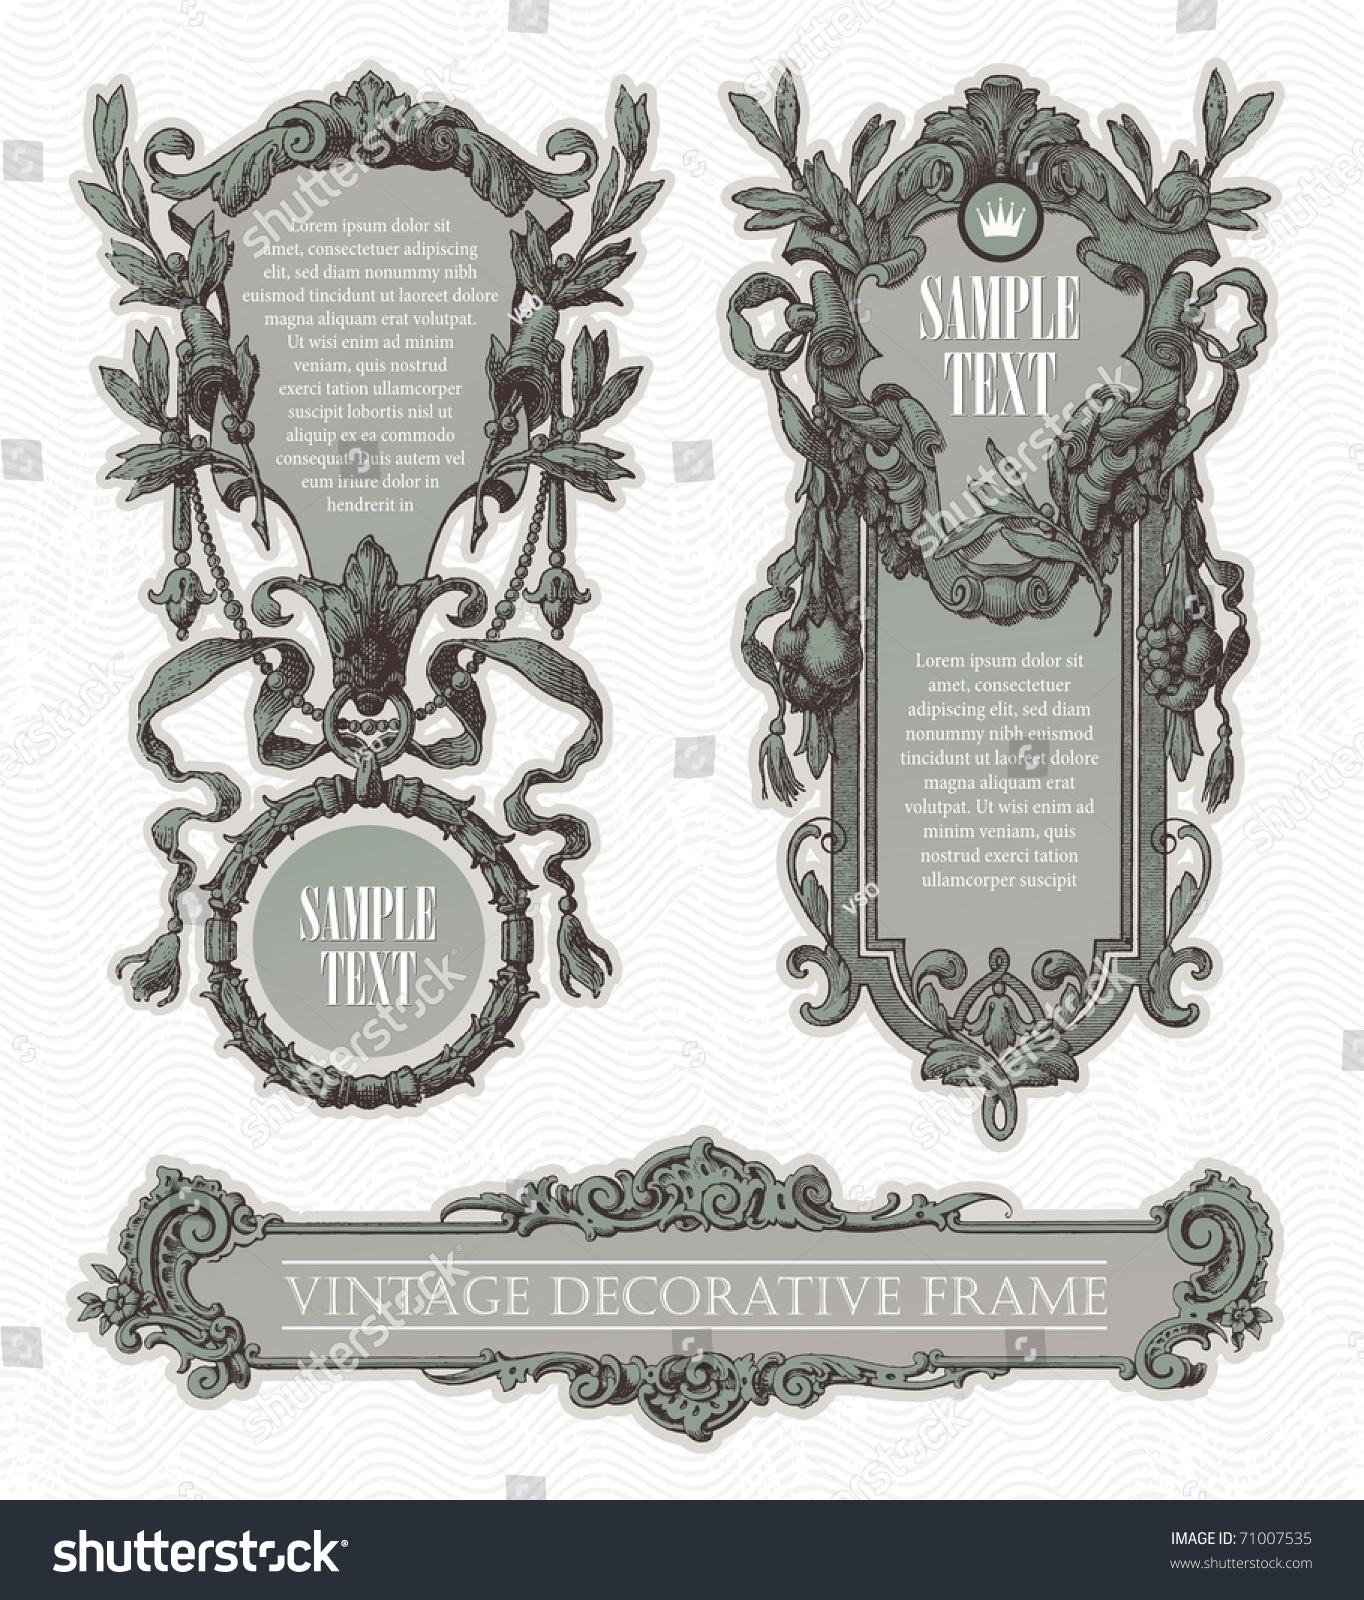 Vintage Engraved Decorative Ornate Vector Frames Stock Vector ...